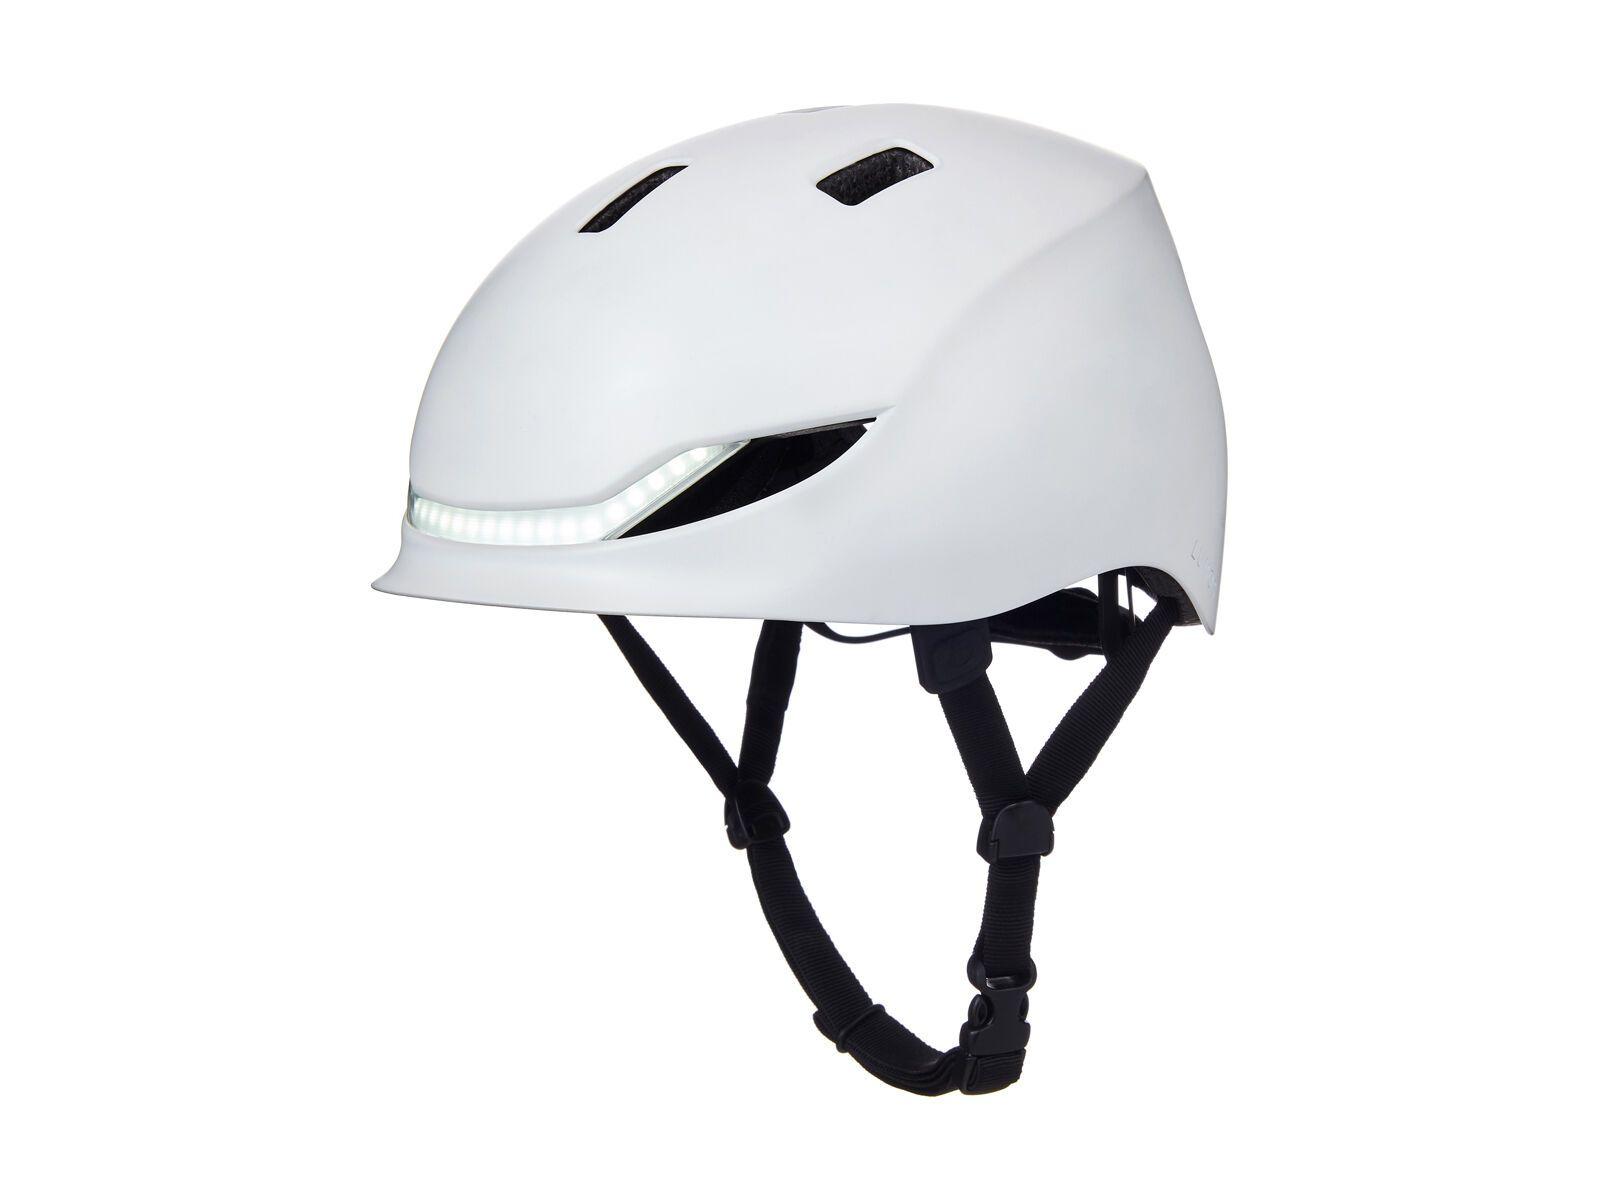 Lumos Street Helmet, jet white - Fahrradhelm, Größe 54-61 cm 220004002